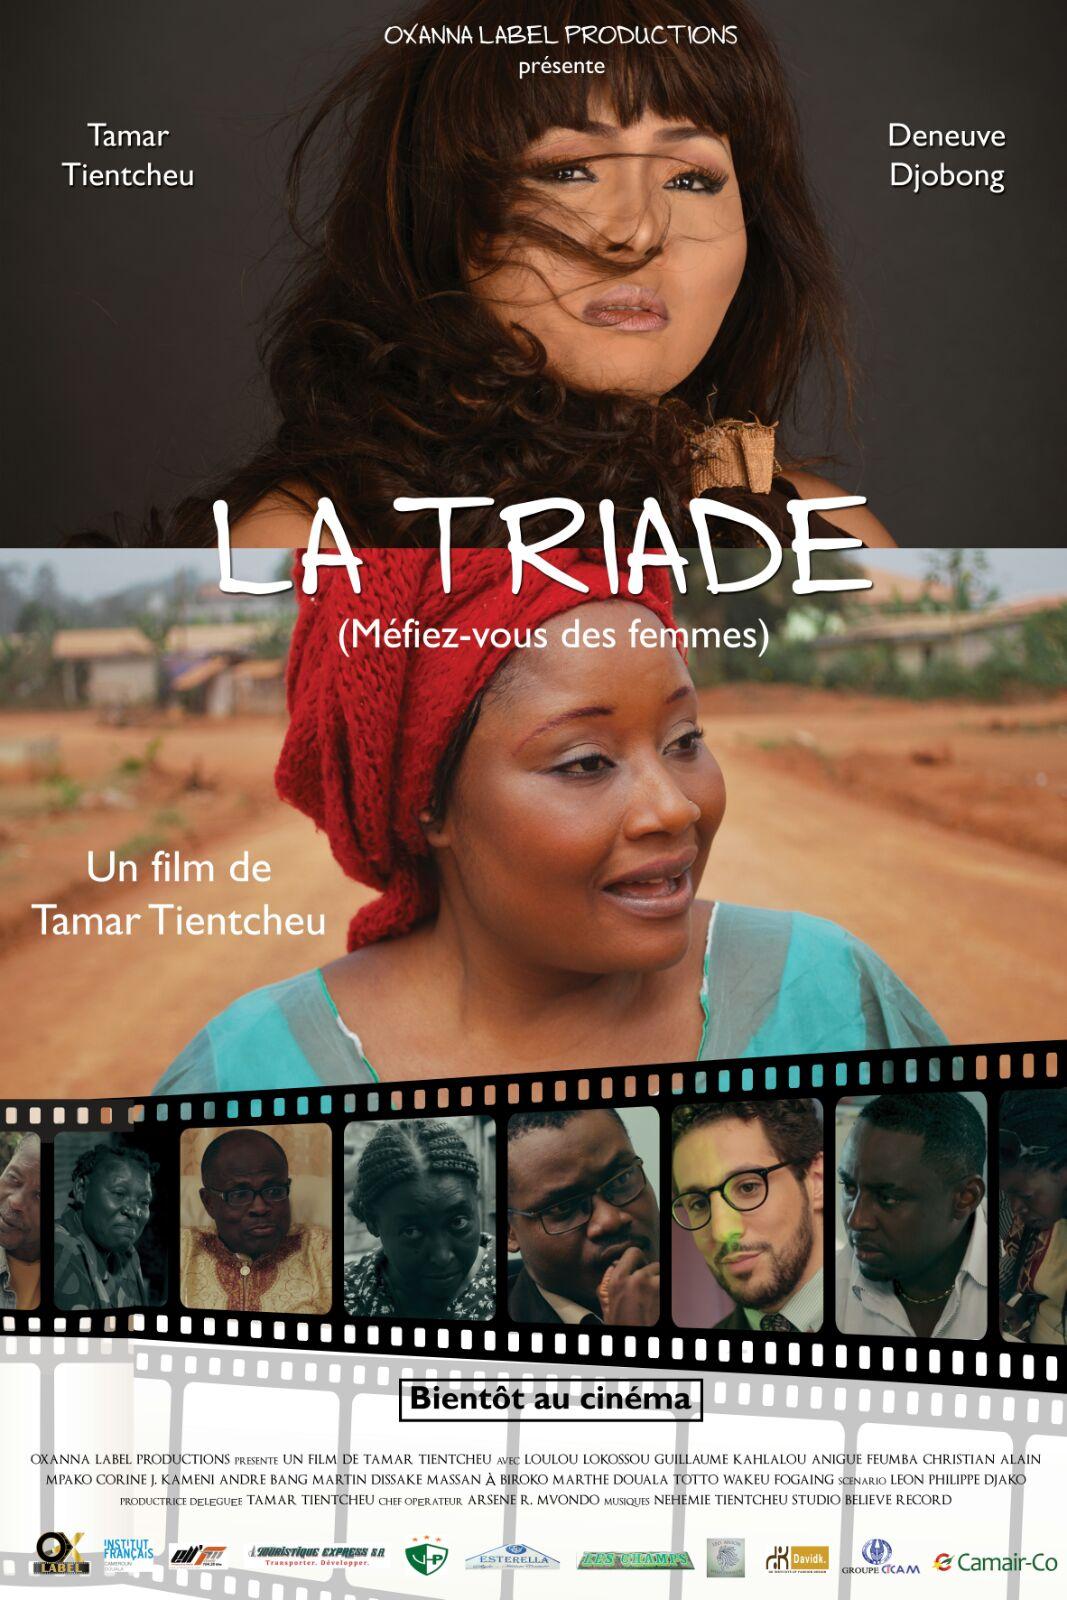 CINÉMA AFRICAIN: L'avant 1ère de LA TRIADE à Paris, les Réactions(JMTV+)